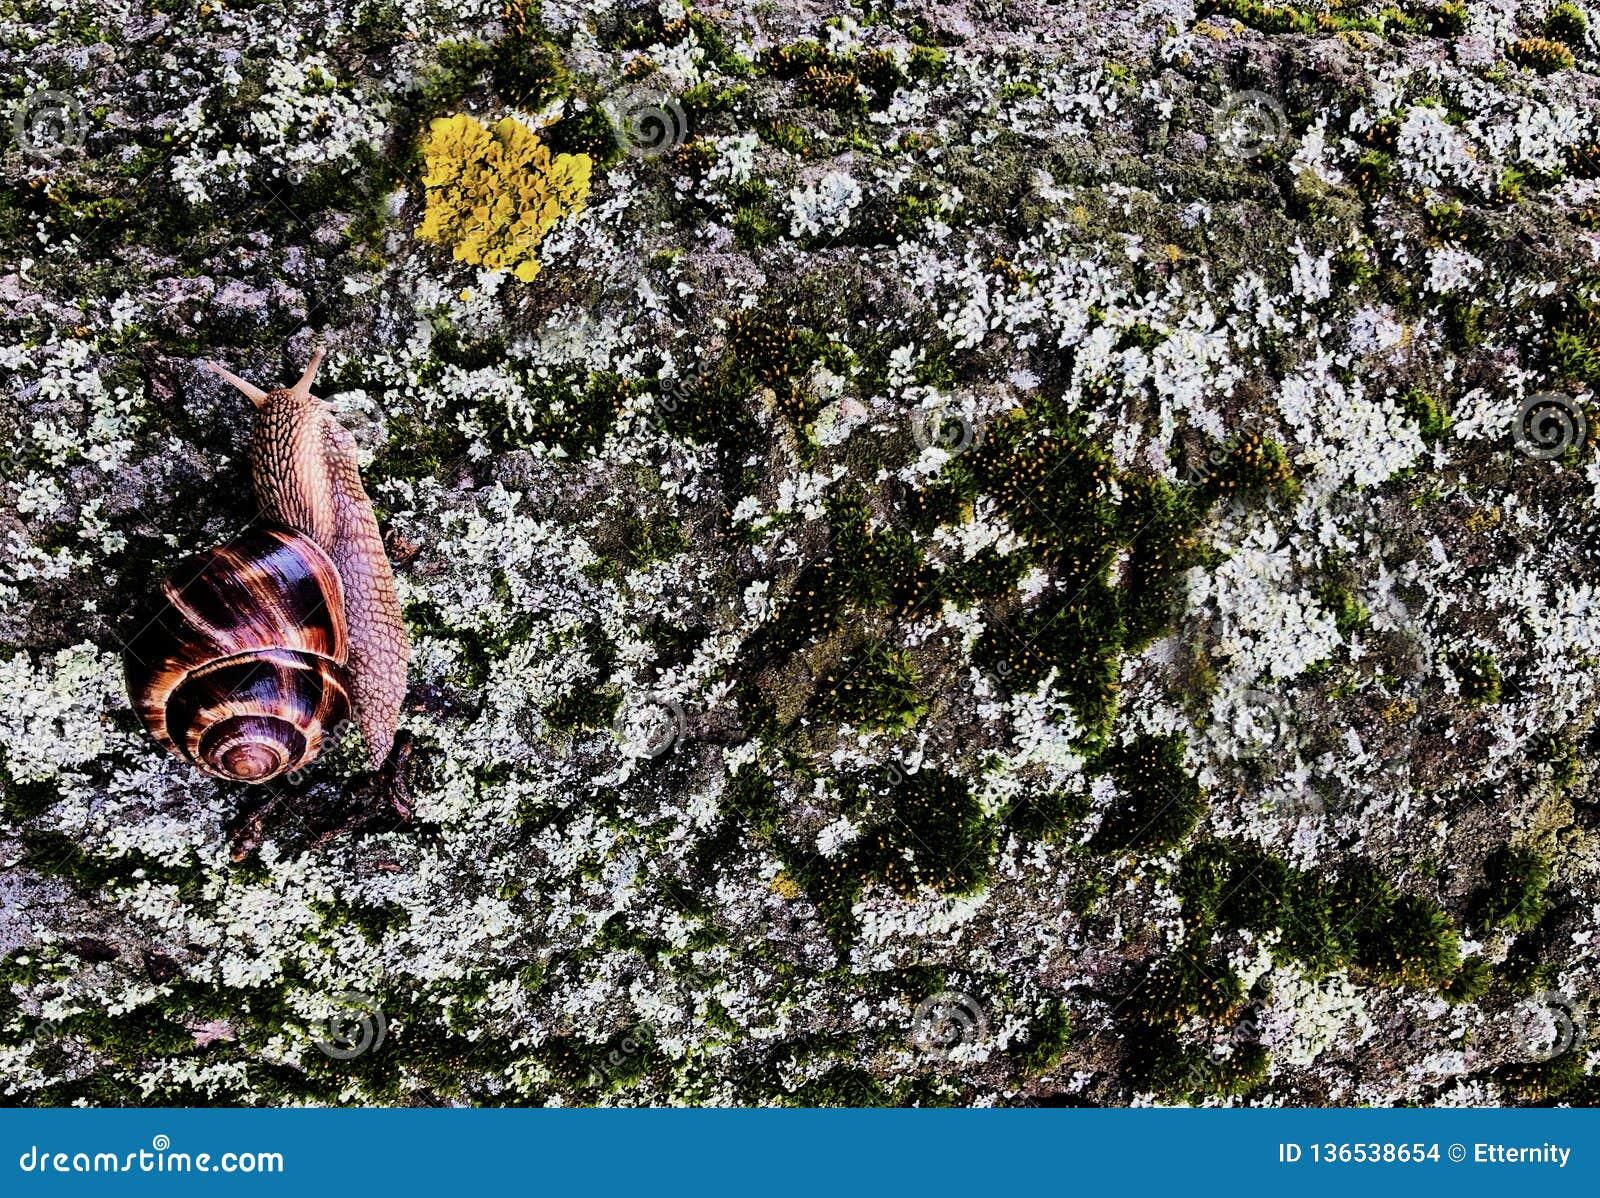 Caracol que se arrastra en una corteza de árbol enorme en un día de primavera brillante